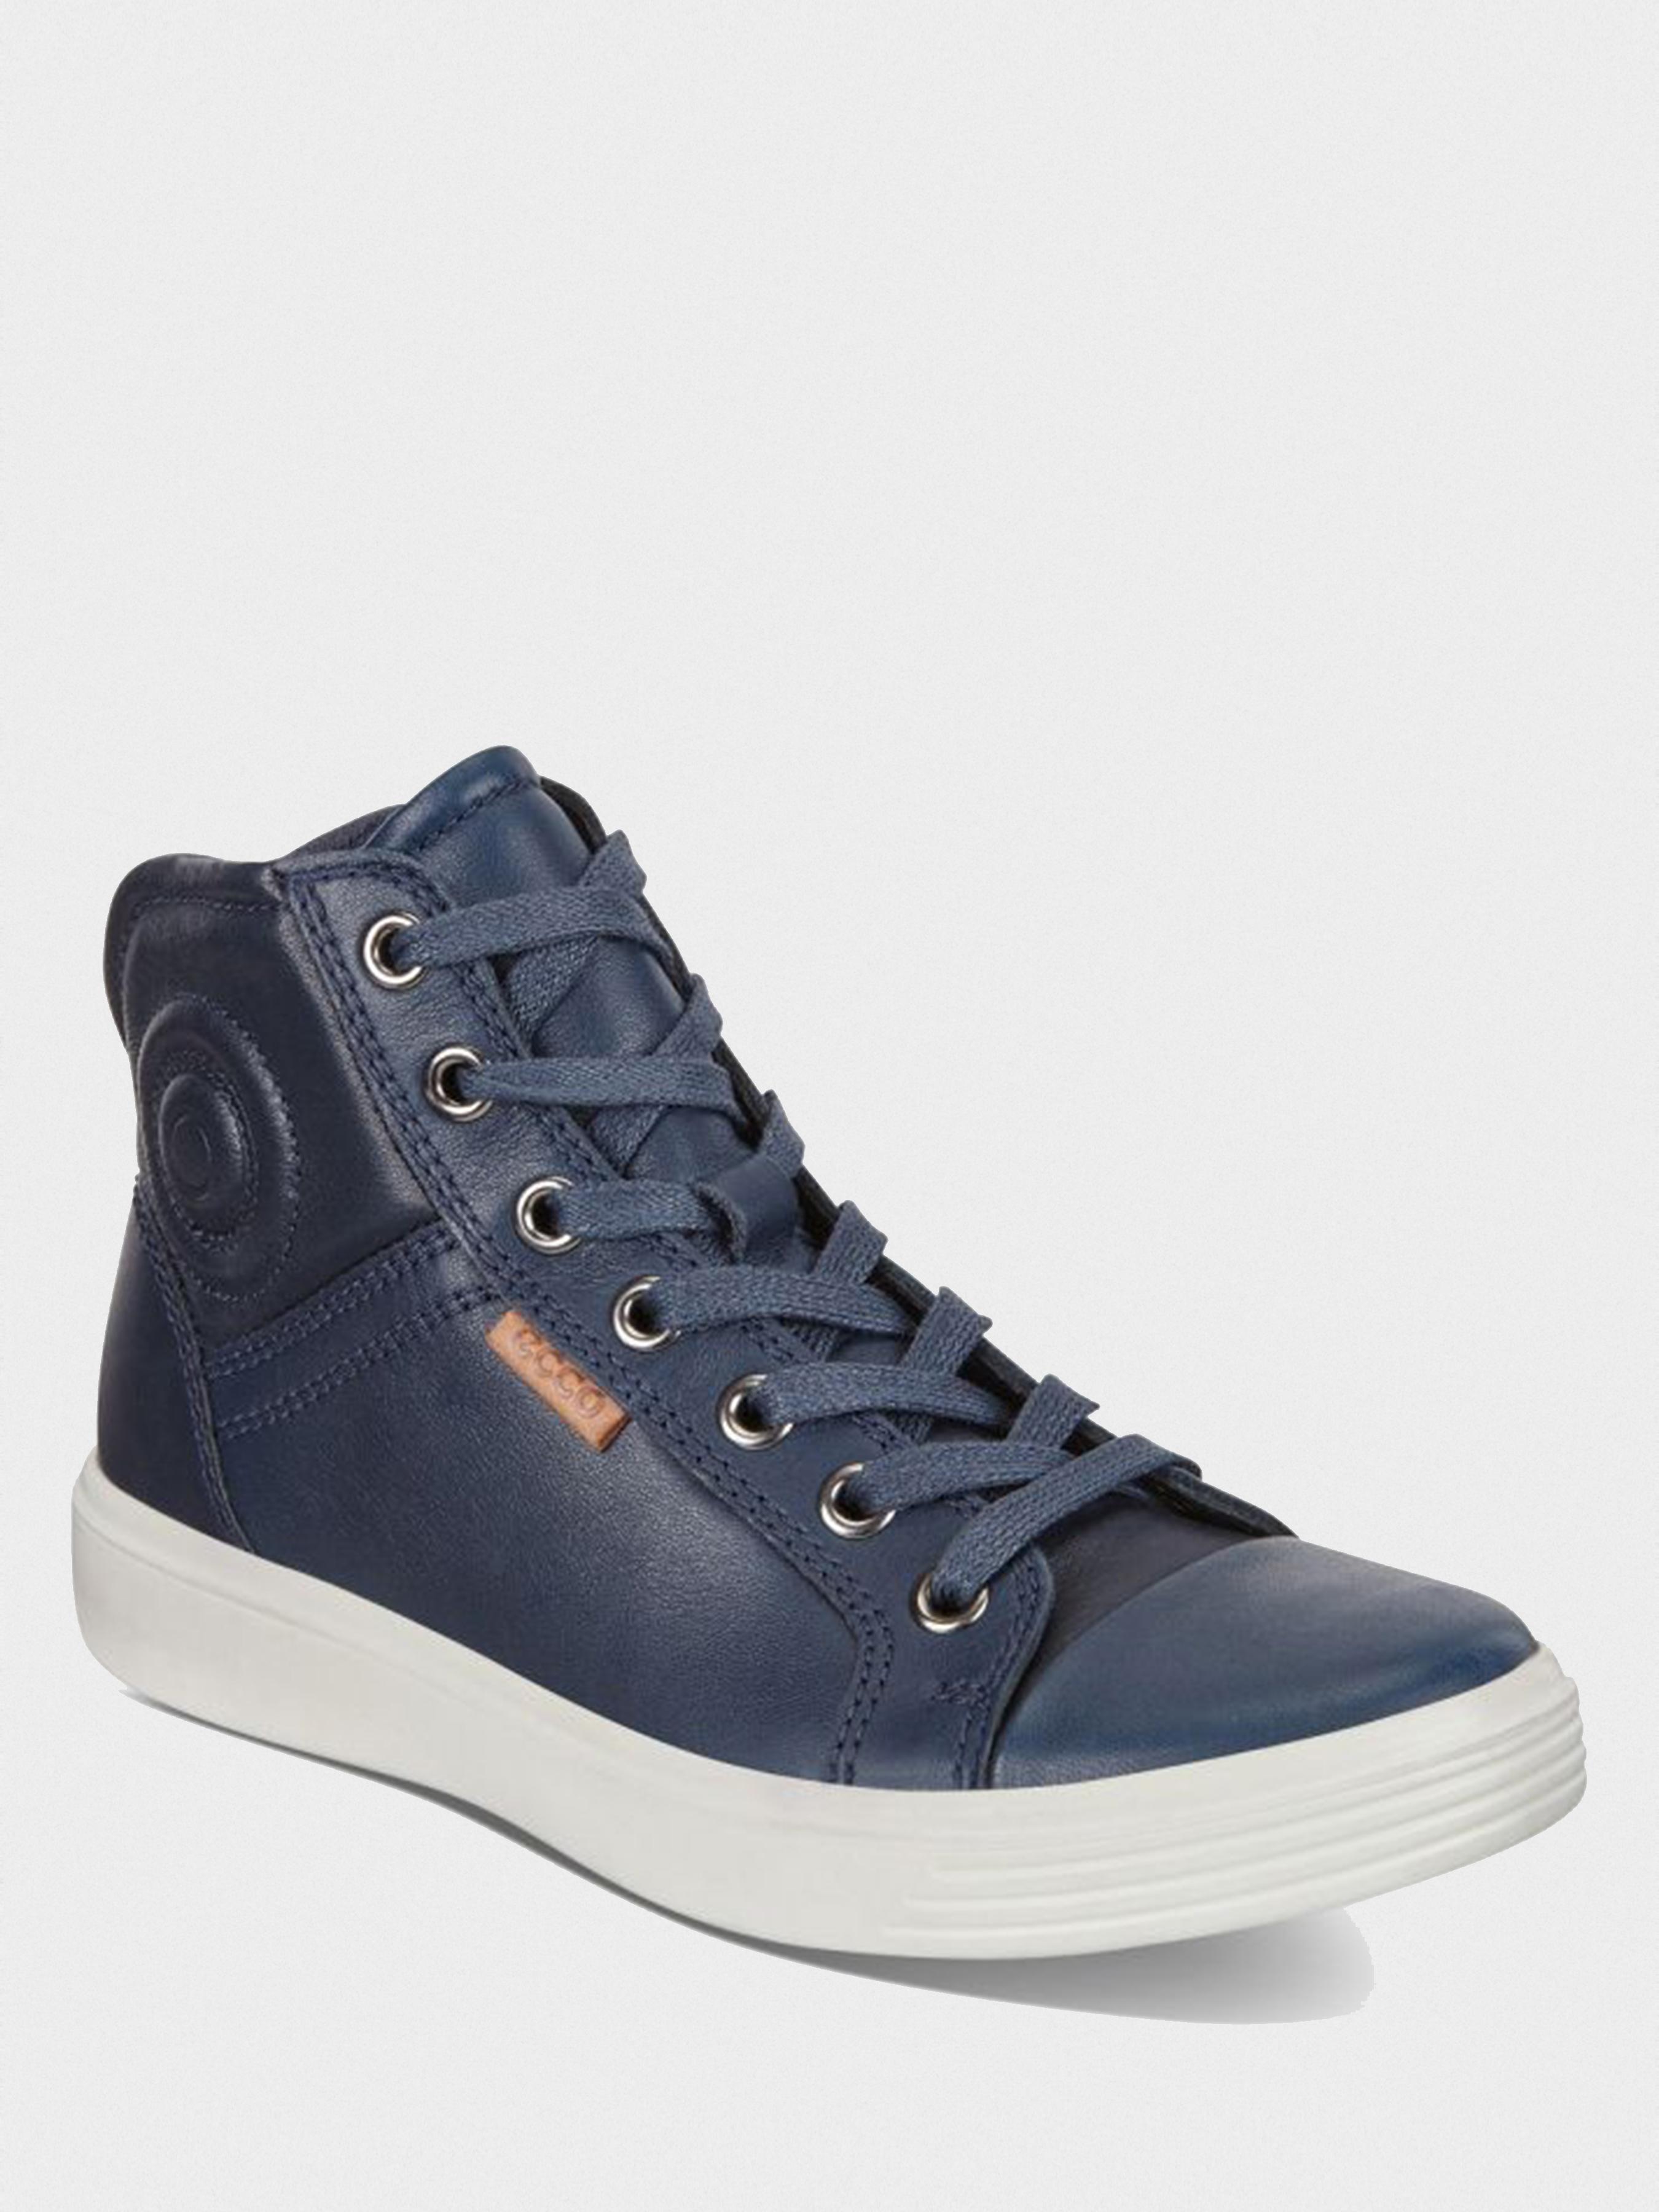 Купить Ботинки детские ECCO S7 TEEN ZK3324, Синий